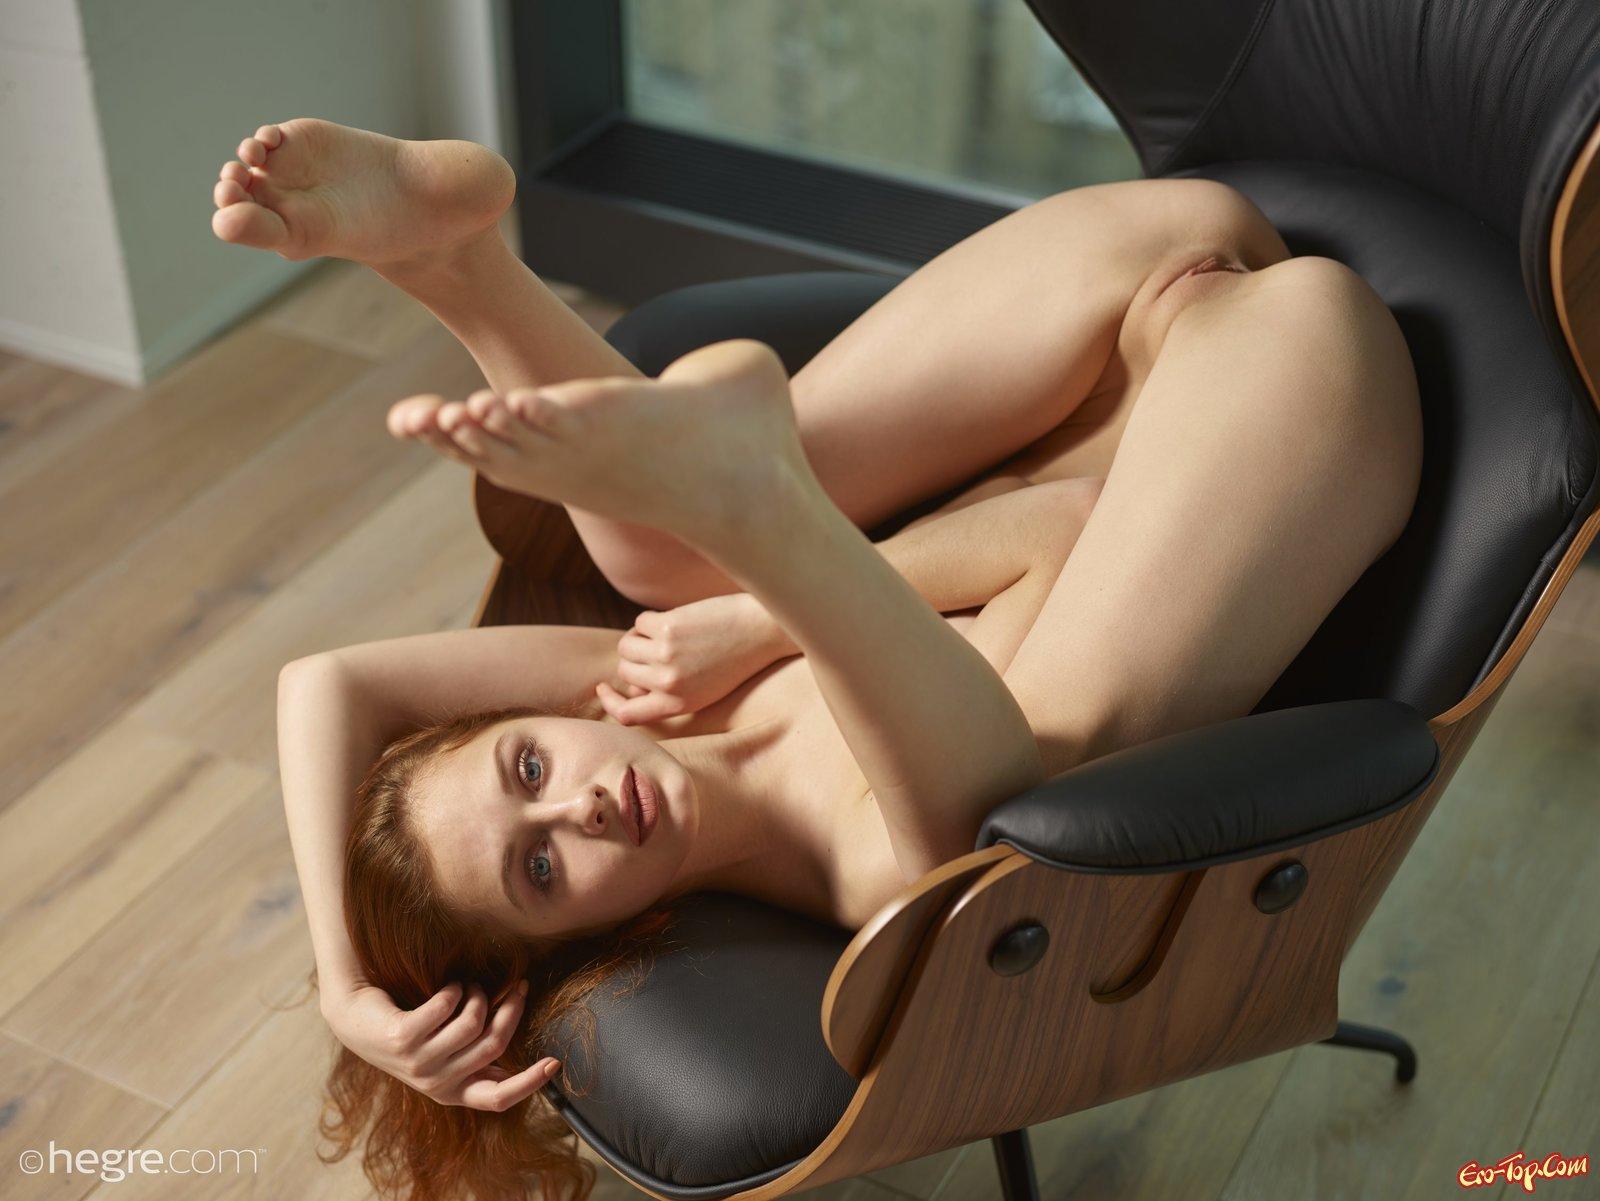 Раздетая рыженькая тёлка фотографируется в кожаном кресле